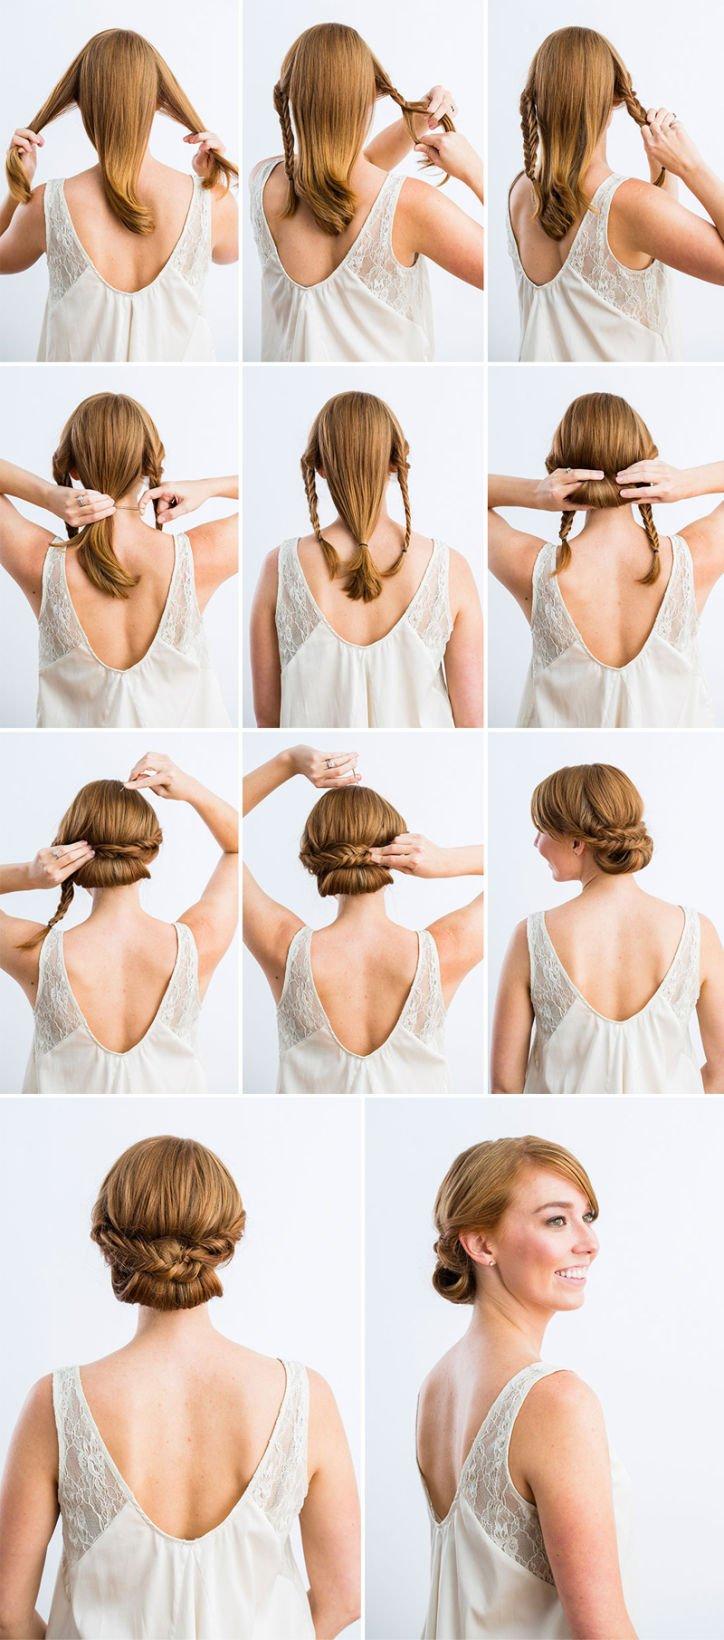 Untukmu Yang Berambut Pendek 11 Hairstyle Ini Bisa Kamu Jadikan Inspirasi Untuk Hari Pernikahanmu Kelak